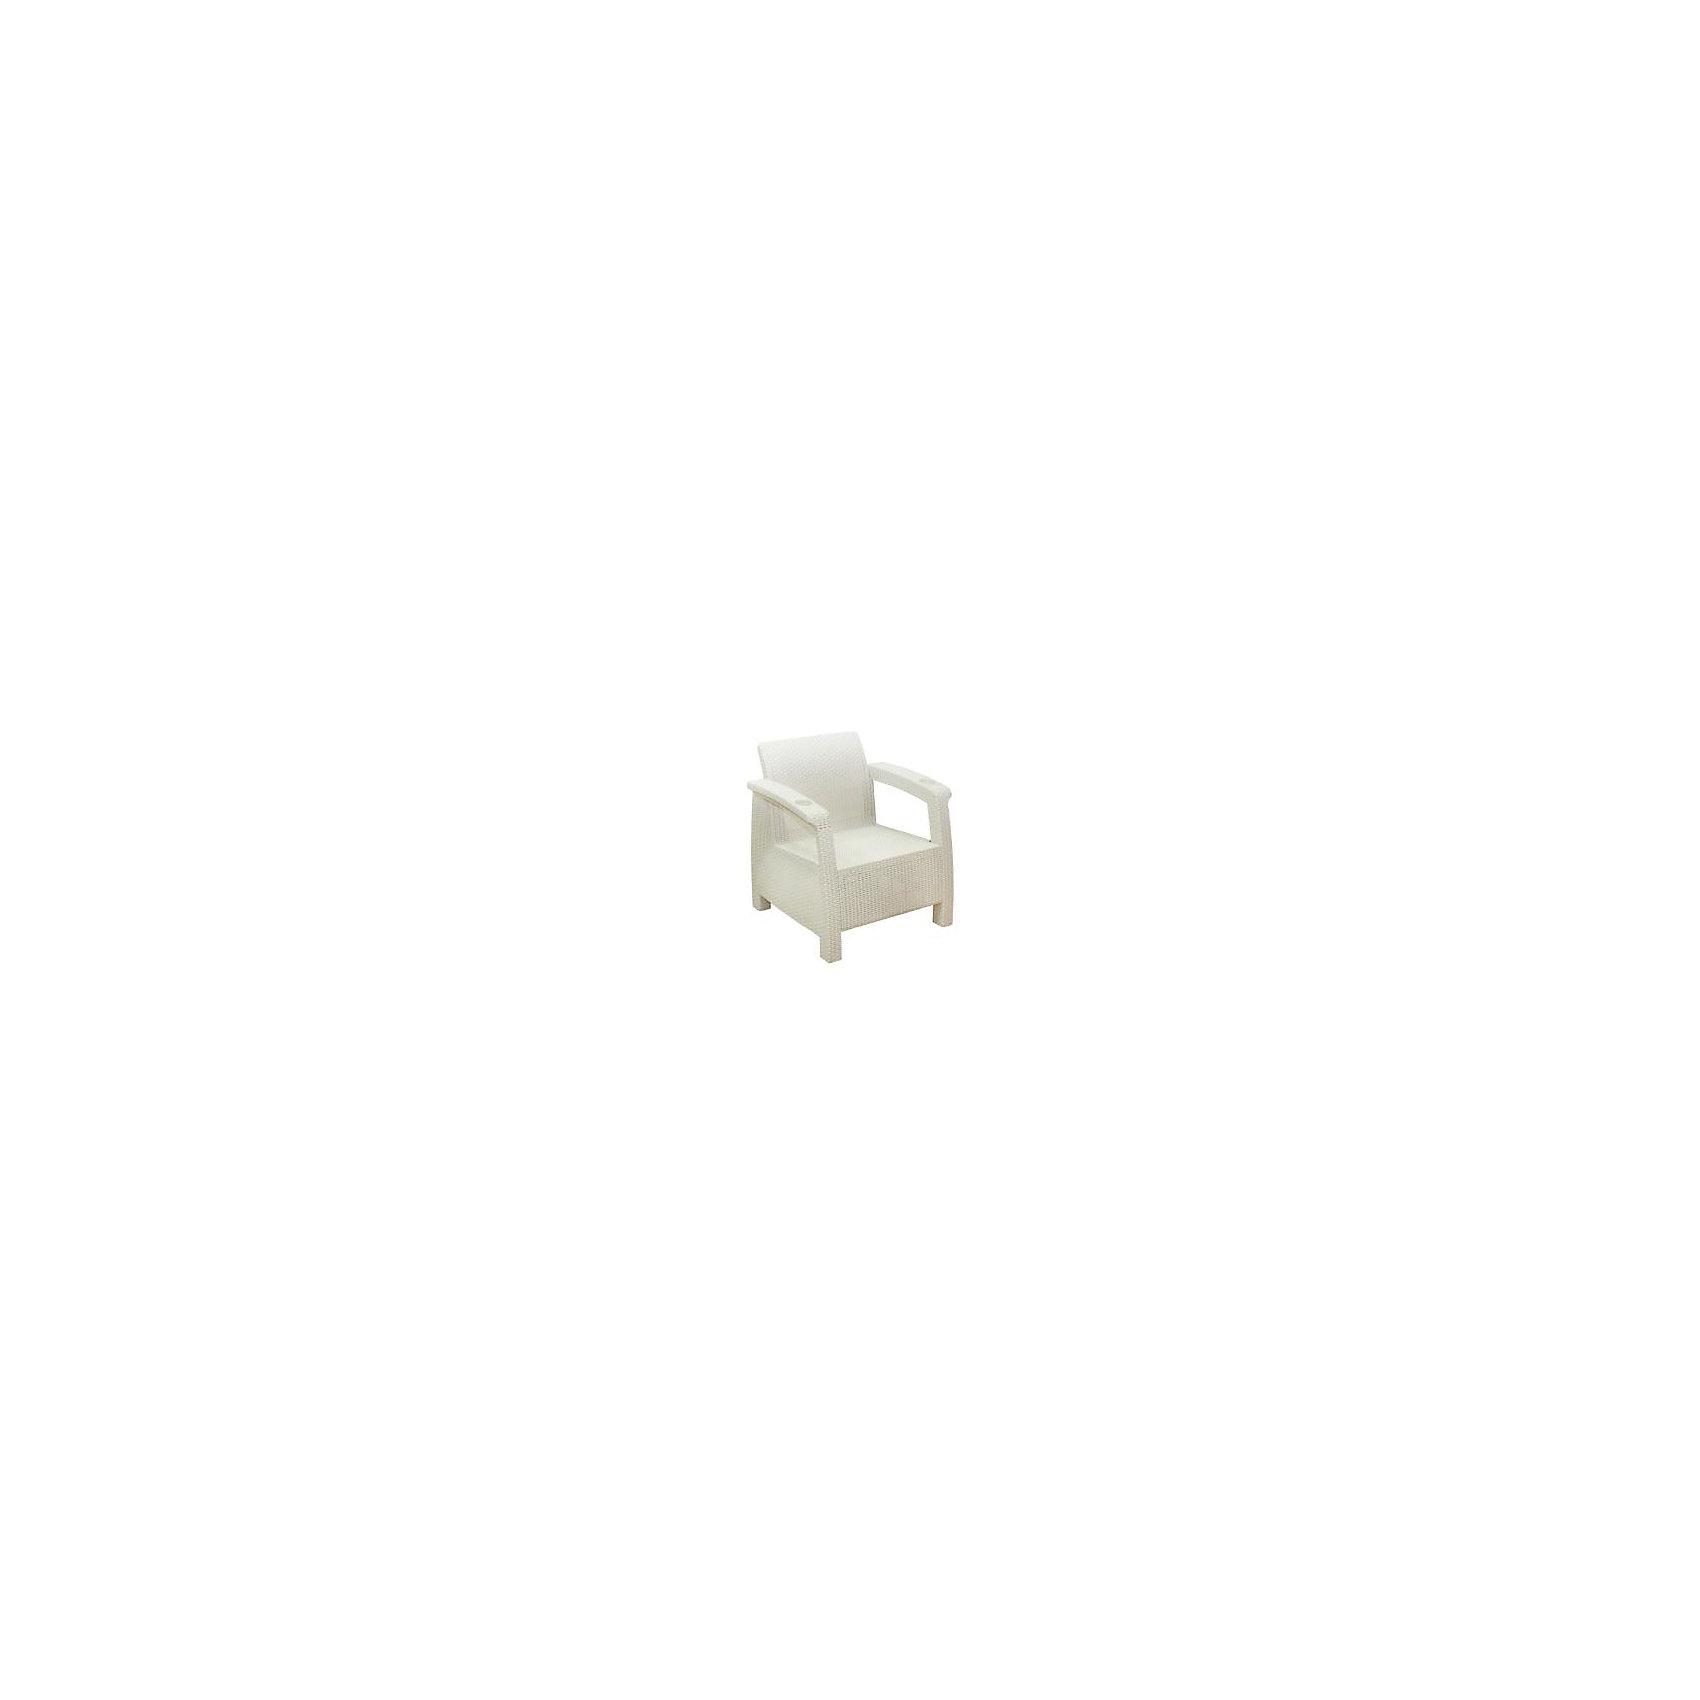 Кресло Ротанг, Alternativa, слоновая костьМебель<br>Кресло Ротанг 730х700х790без подуш., Alternativa (Альтернатива), слоновая кость<br><br>Характеристики:<br><br>• привлекательный дизайн<br>• прочные материалы<br>• два подстаканника<br>• цвет: слоновая кость<br>• материал: пластик<br>• размер: 73х70х79 см<br>• вес: 6,8 кг<br><br>Кресло Ротанг прекрасно подойдет для комфортного отдыха в саду или на даче. Оно изготовлена из прочного износостойкого пластика. Кресло имеют широкие ножки для хорошей устойчивости на поверхности. На ручках кресла находятся два подстаканника для любимых напитков. Приятный цвет слоновой кости хорошо впишется в любой интерьер.<br><br>Кресло Ротанг 730х700х790без подуш., Alternativa (Альтернатива), слоновая кость можно расположить в нашем интернет-магазине.<br><br>Ширина мм: 730<br>Глубина мм: 700<br>Высота мм: 790<br>Вес г: 6800<br>Возраст от месяцев: 12<br>Возраст до месяцев: 1188<br>Пол: Унисекс<br>Возраст: Детский<br>SKU: 5436205